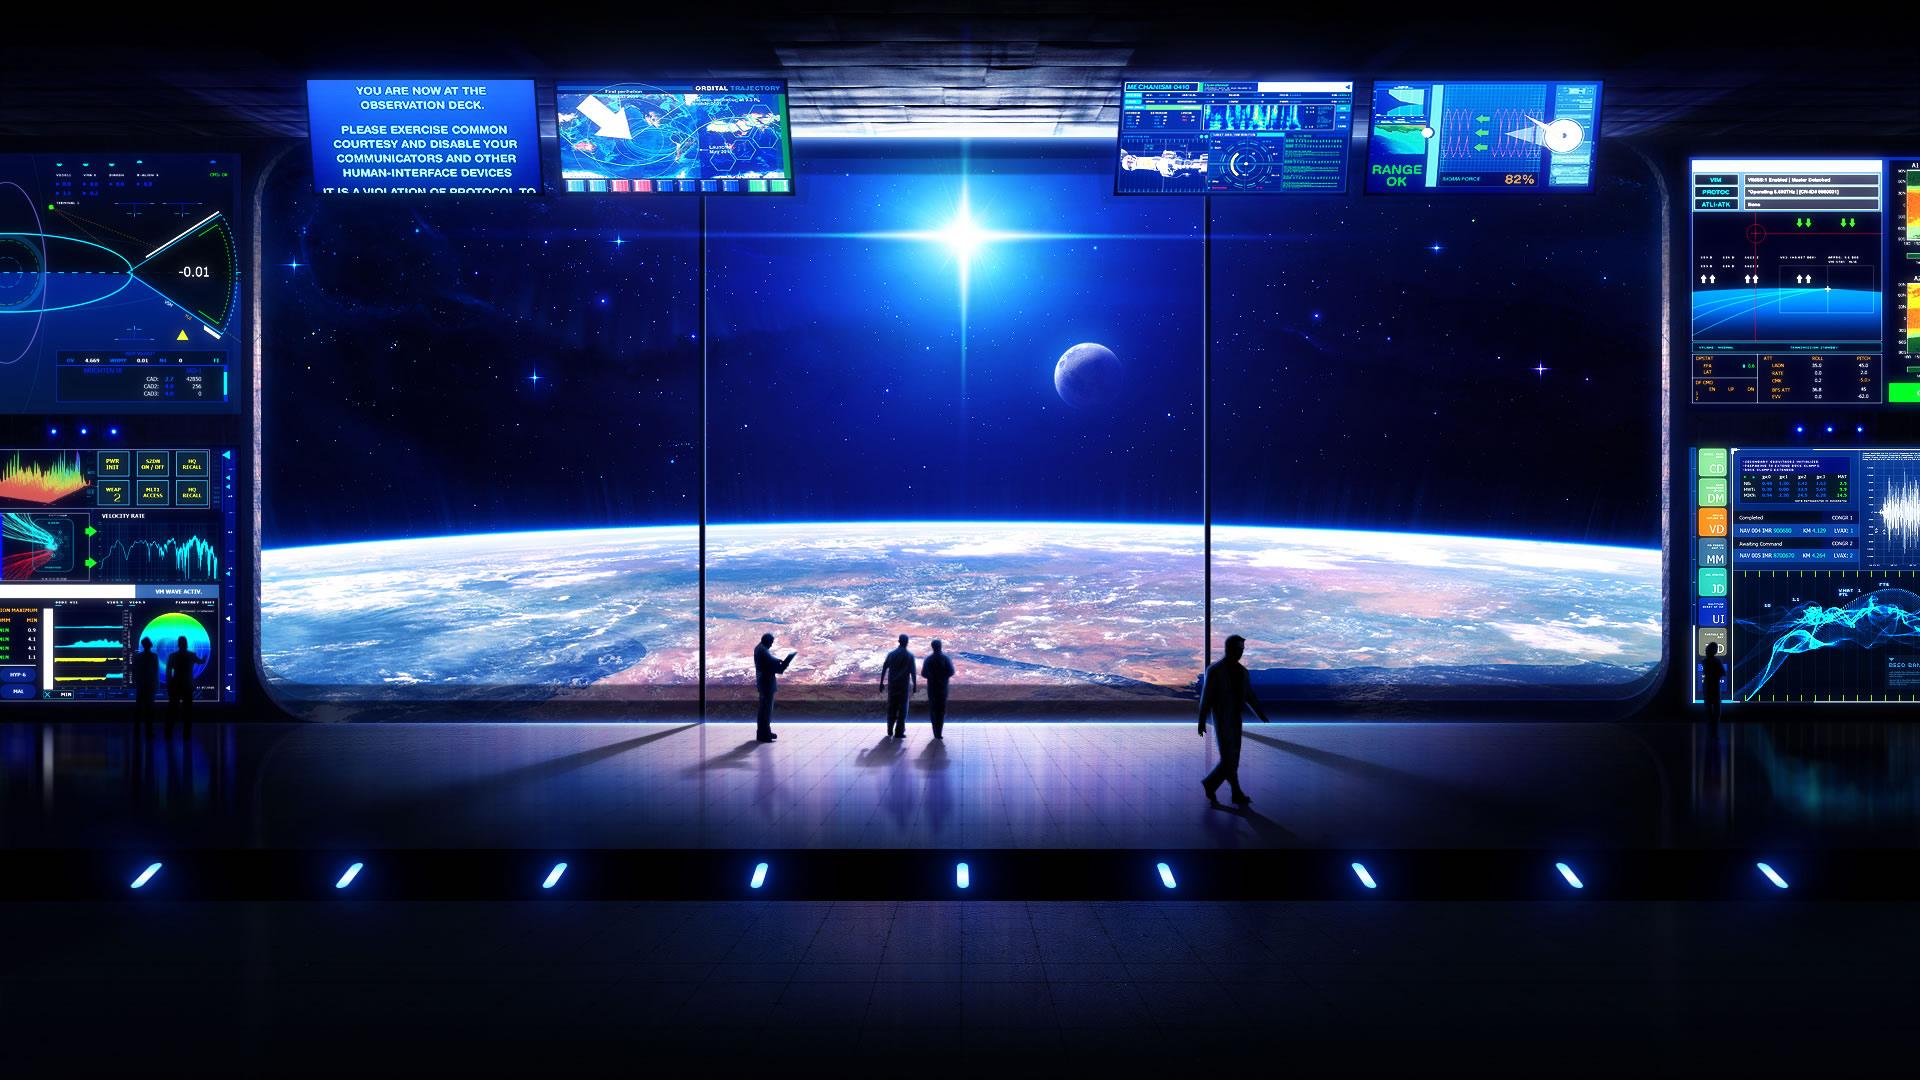 Sci fi wallpaper of the week 19   3D SpaceCoolvibe Digital Art 1920x1080